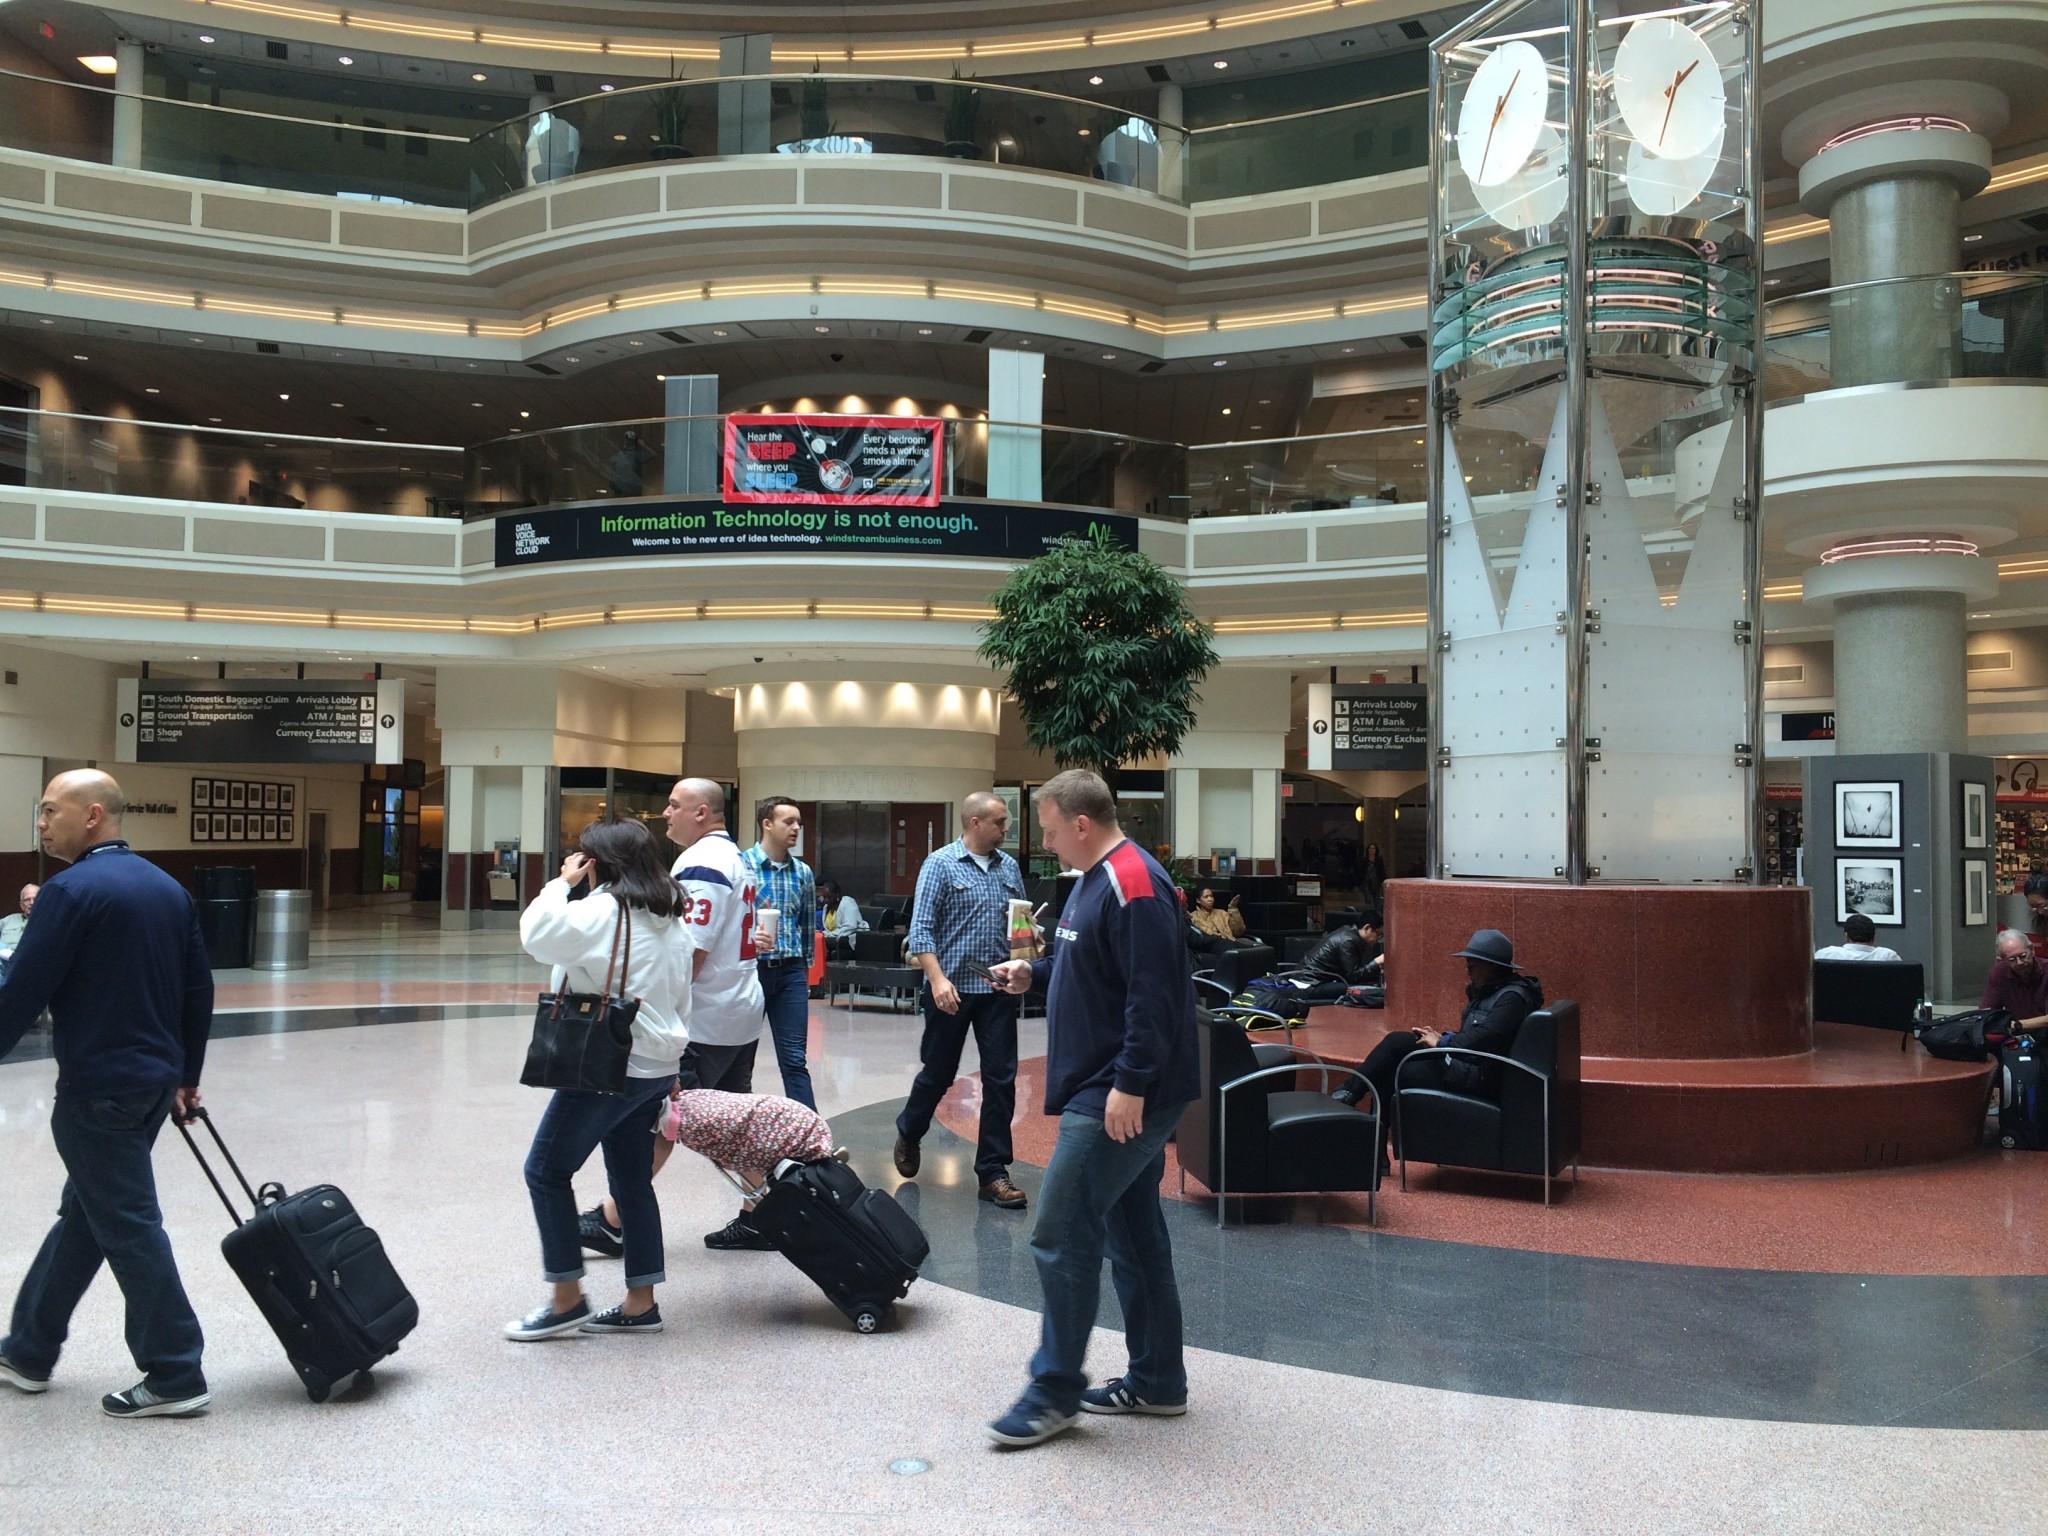 Airport Atrium